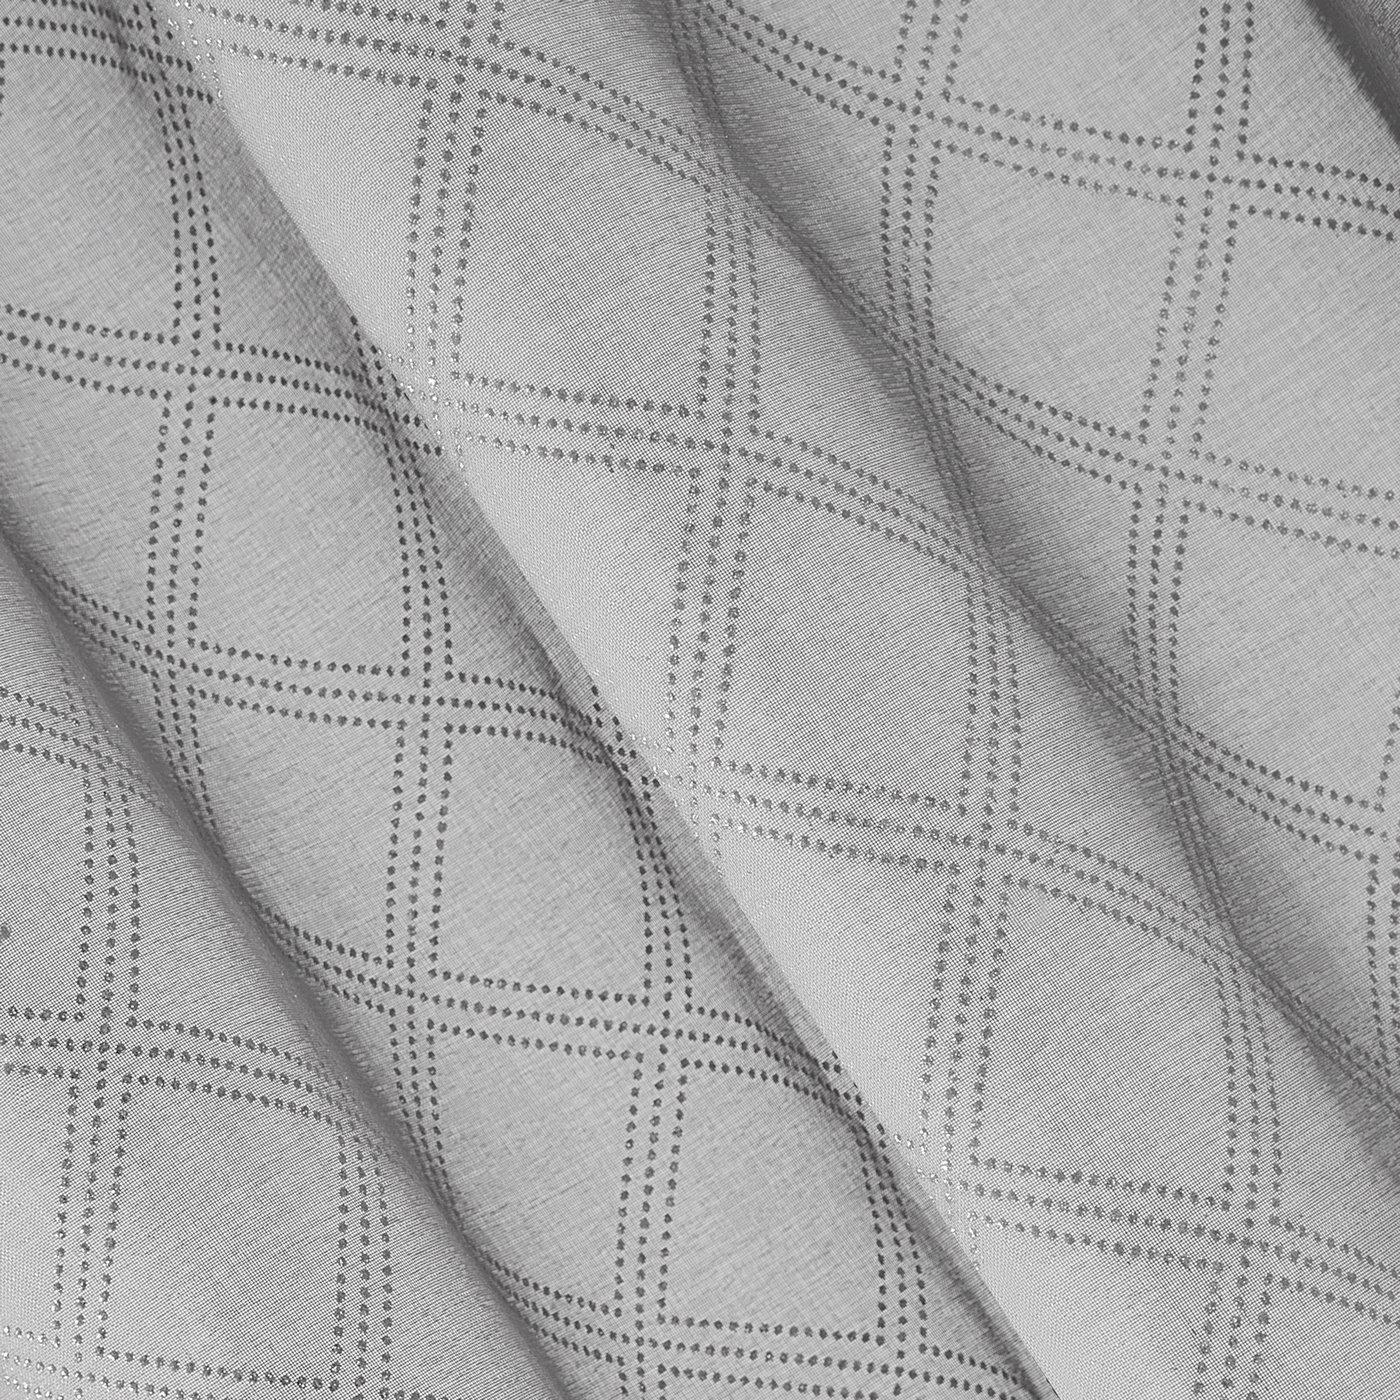 Firana gotowa na przelotkach 140 x 250 cm szaro srebrna geometryczny wzór